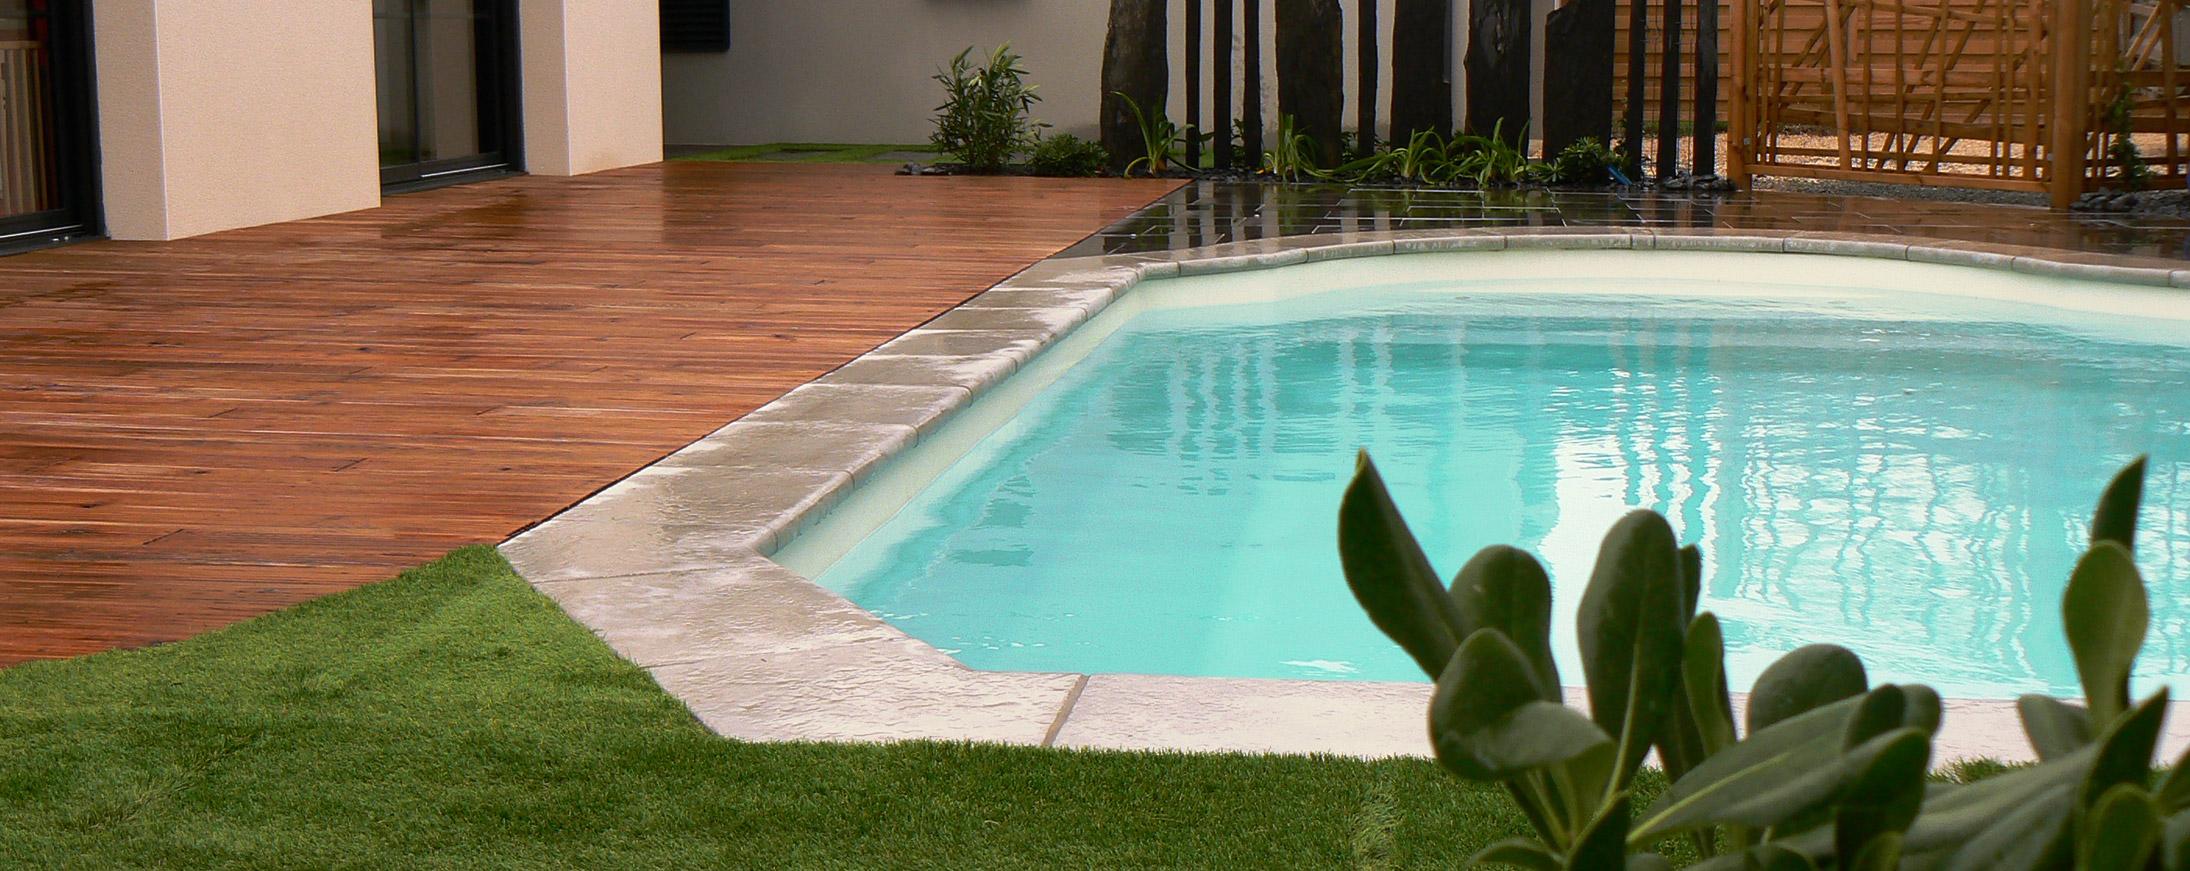 Paysagiste en vend e am nagement et conception de jardin for Marchand de piscine